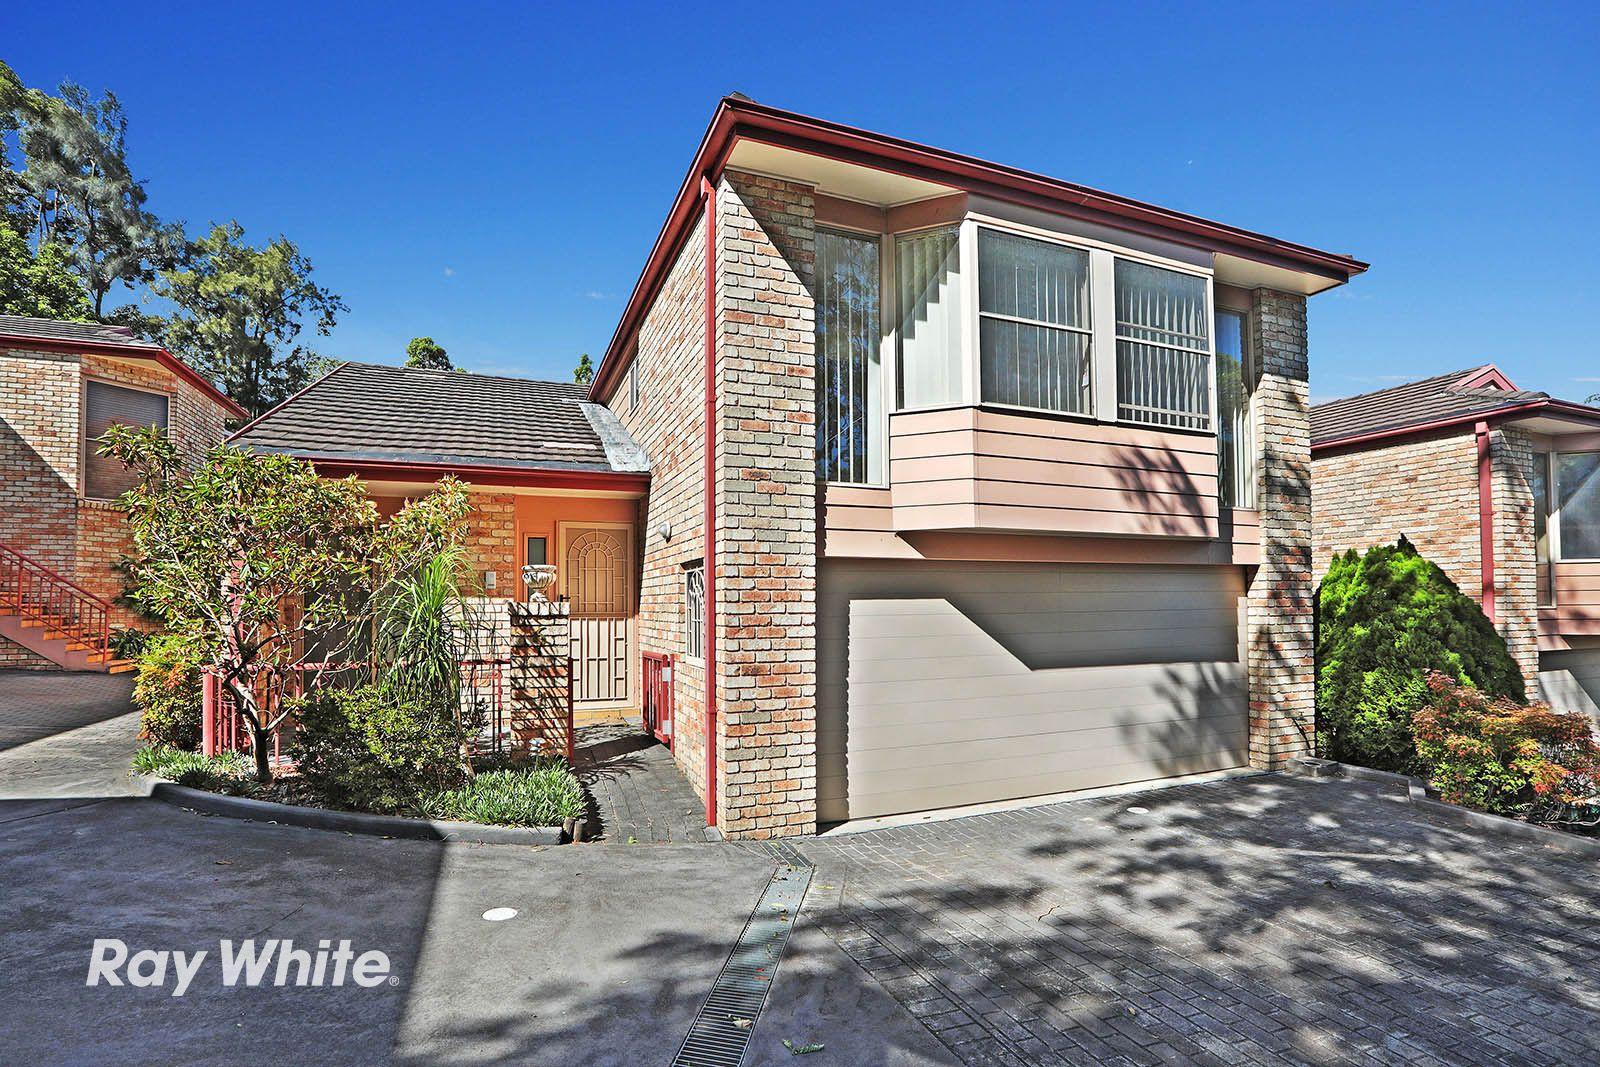 6/66-68 Jenner Street, Baulkham Hills NSW 2153, Image 0